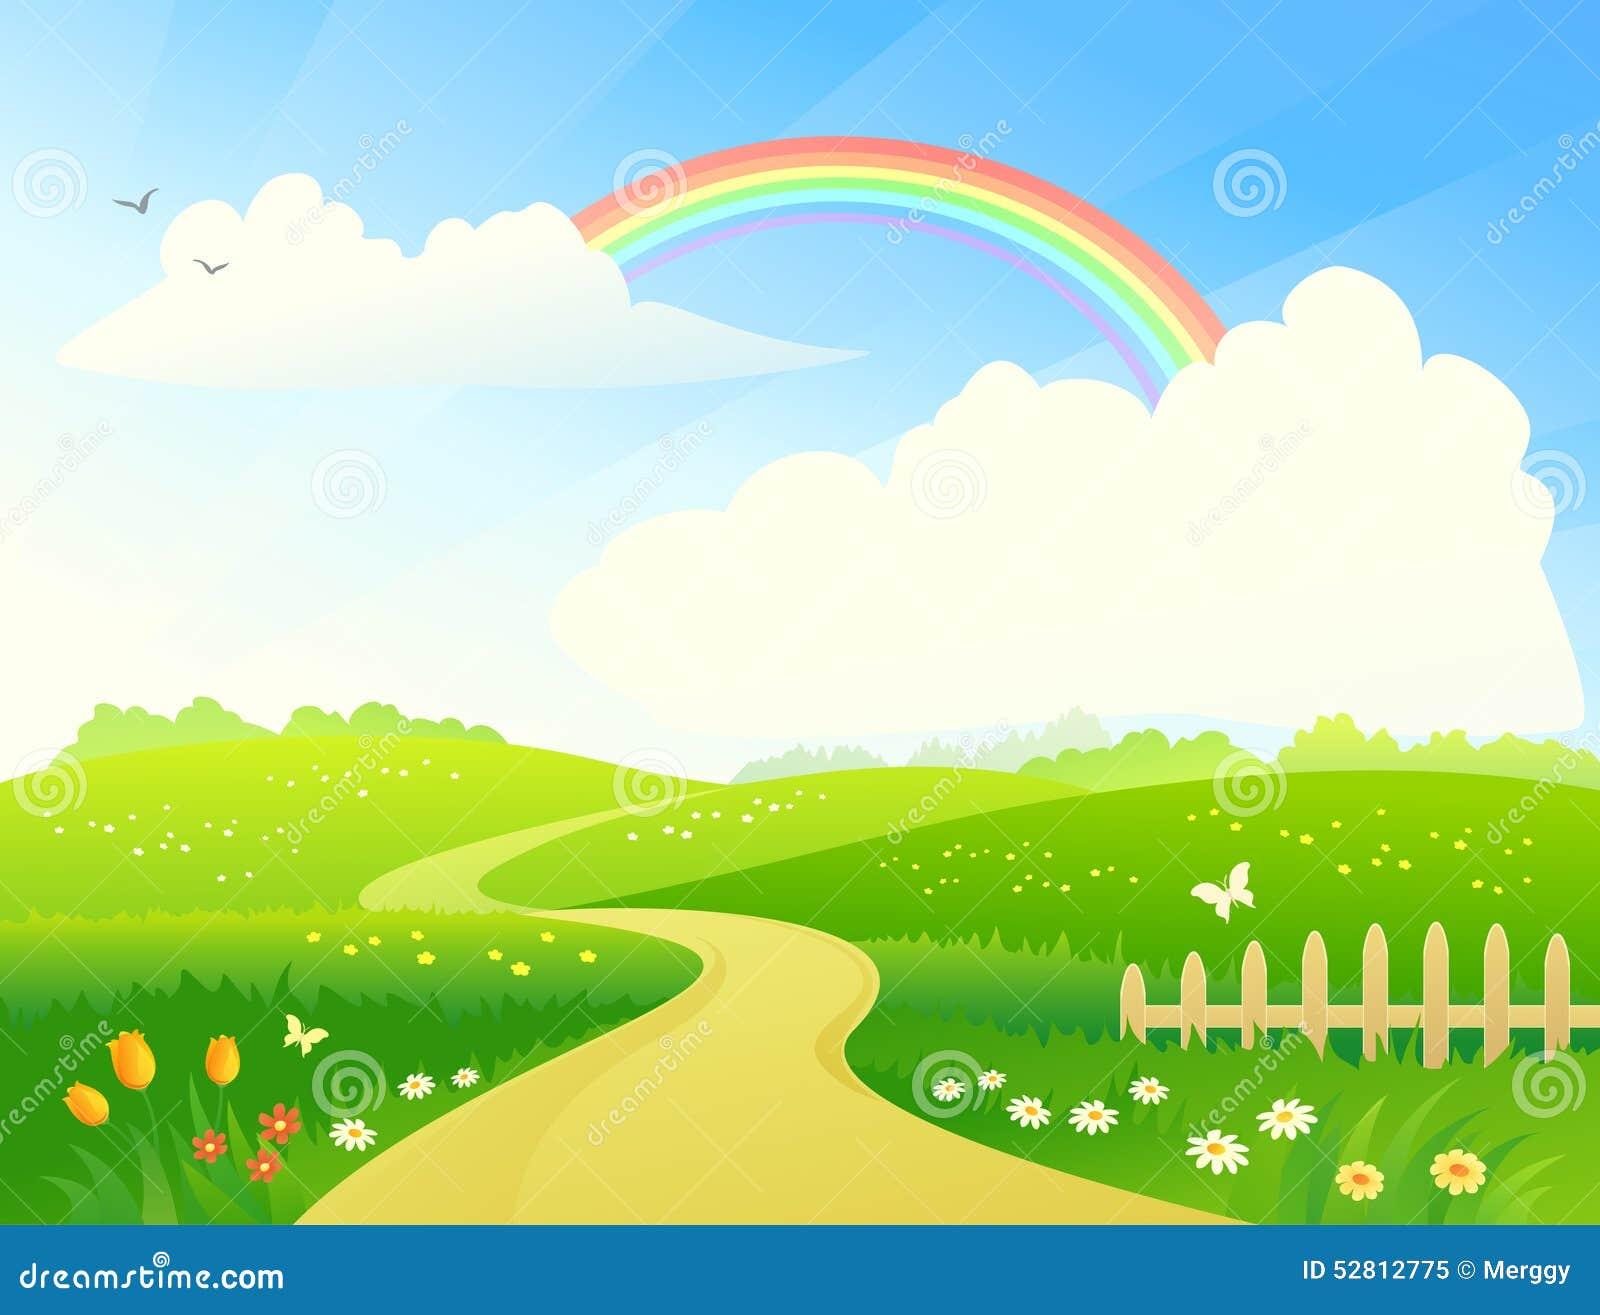 Paisaje con el arco iris